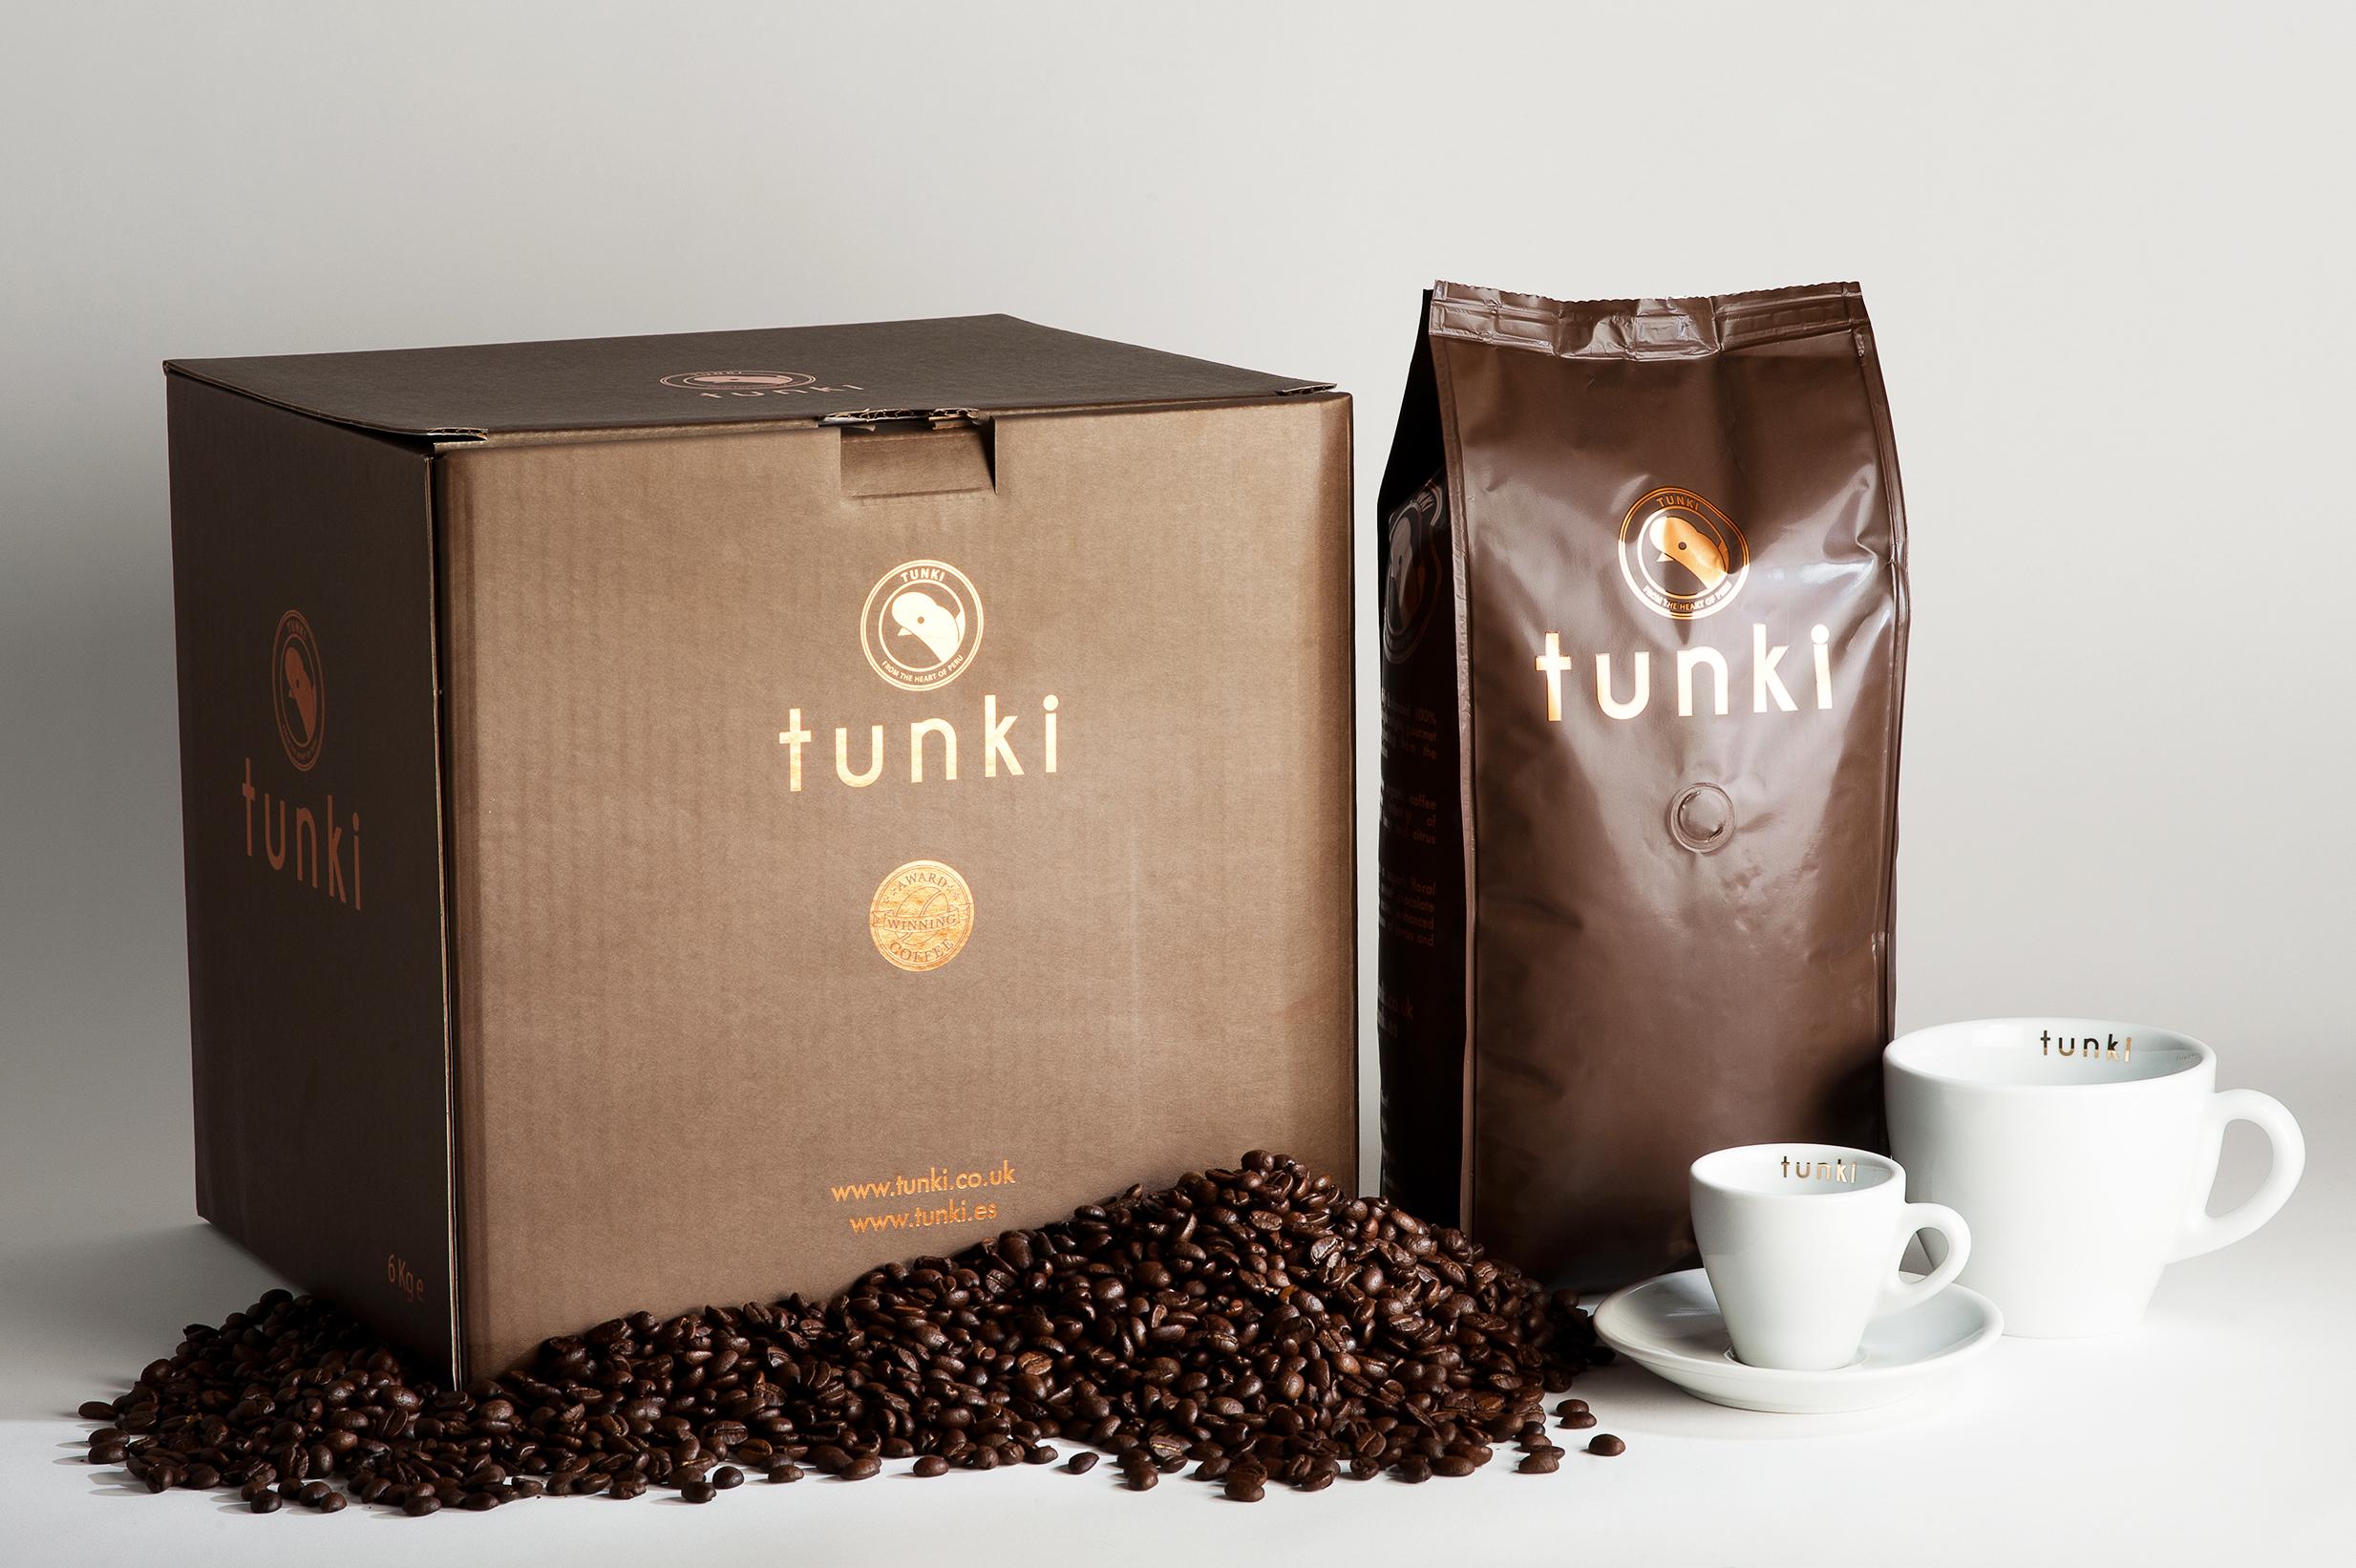 Tunki Award Winning Coffee